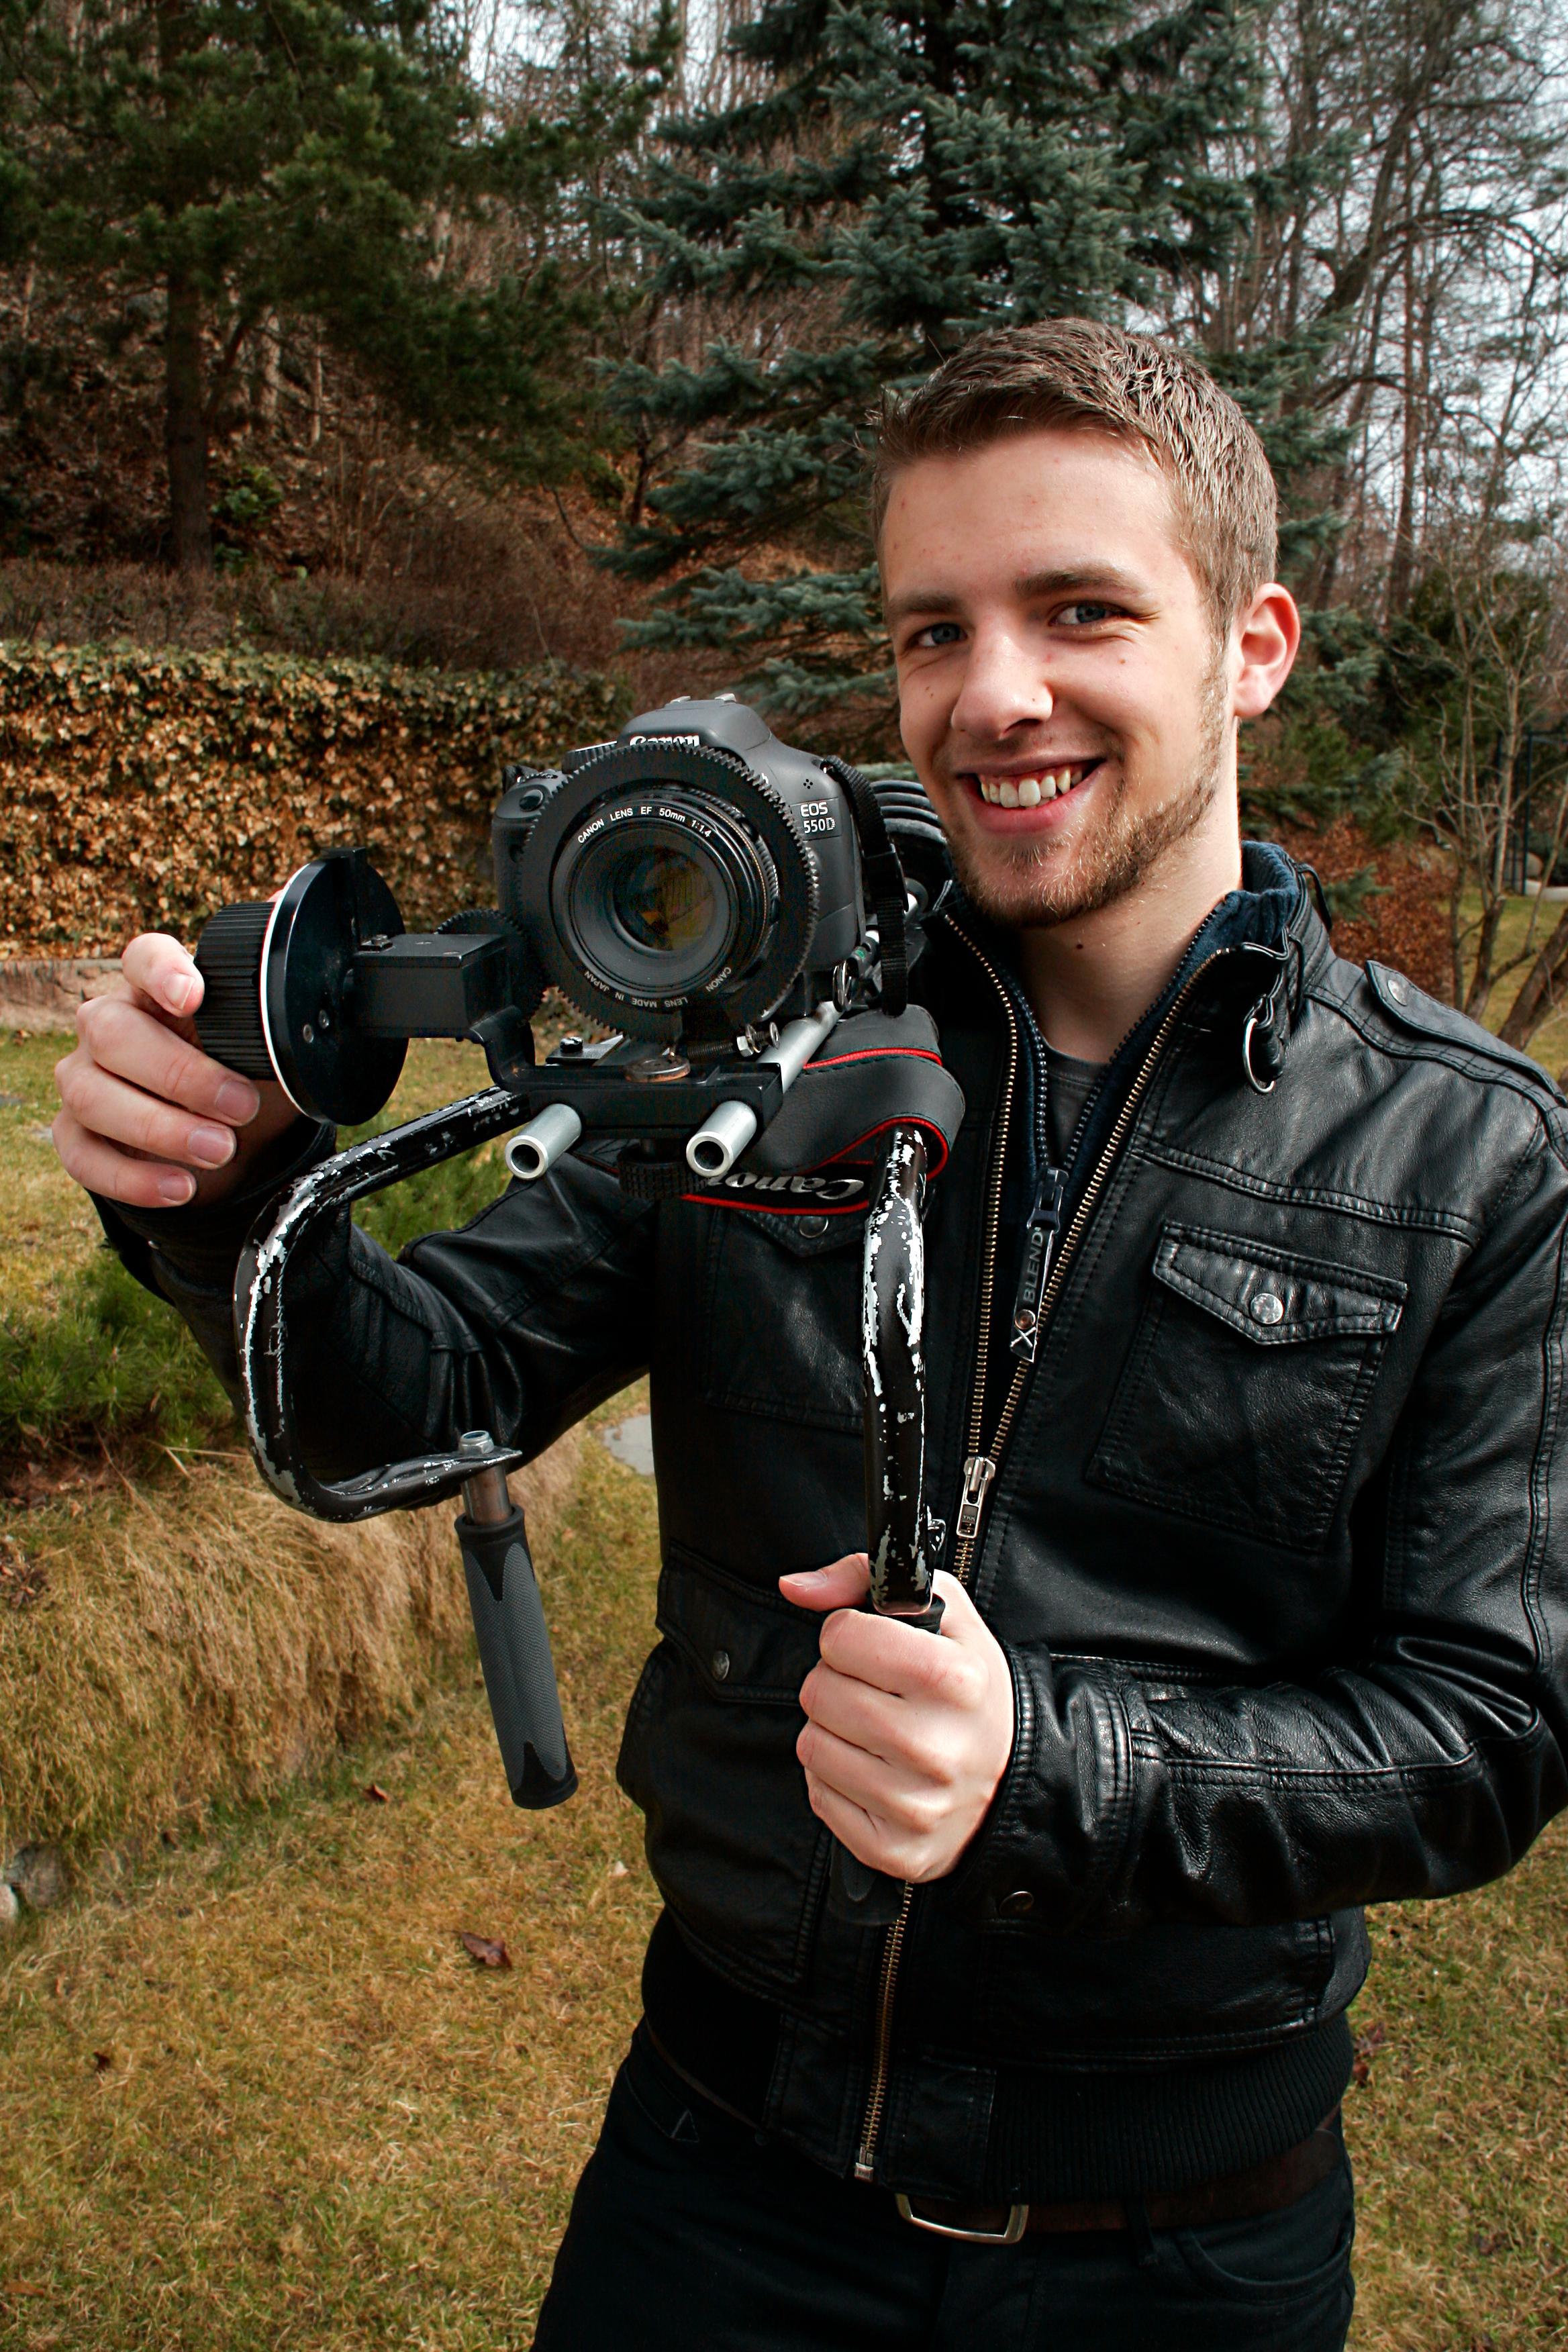 FREMTIDEN: - Speilreflekskameraer med videofunksjon er fremtiden, mener Øvergaard. FOTO: ANDERS HAMMARGREN